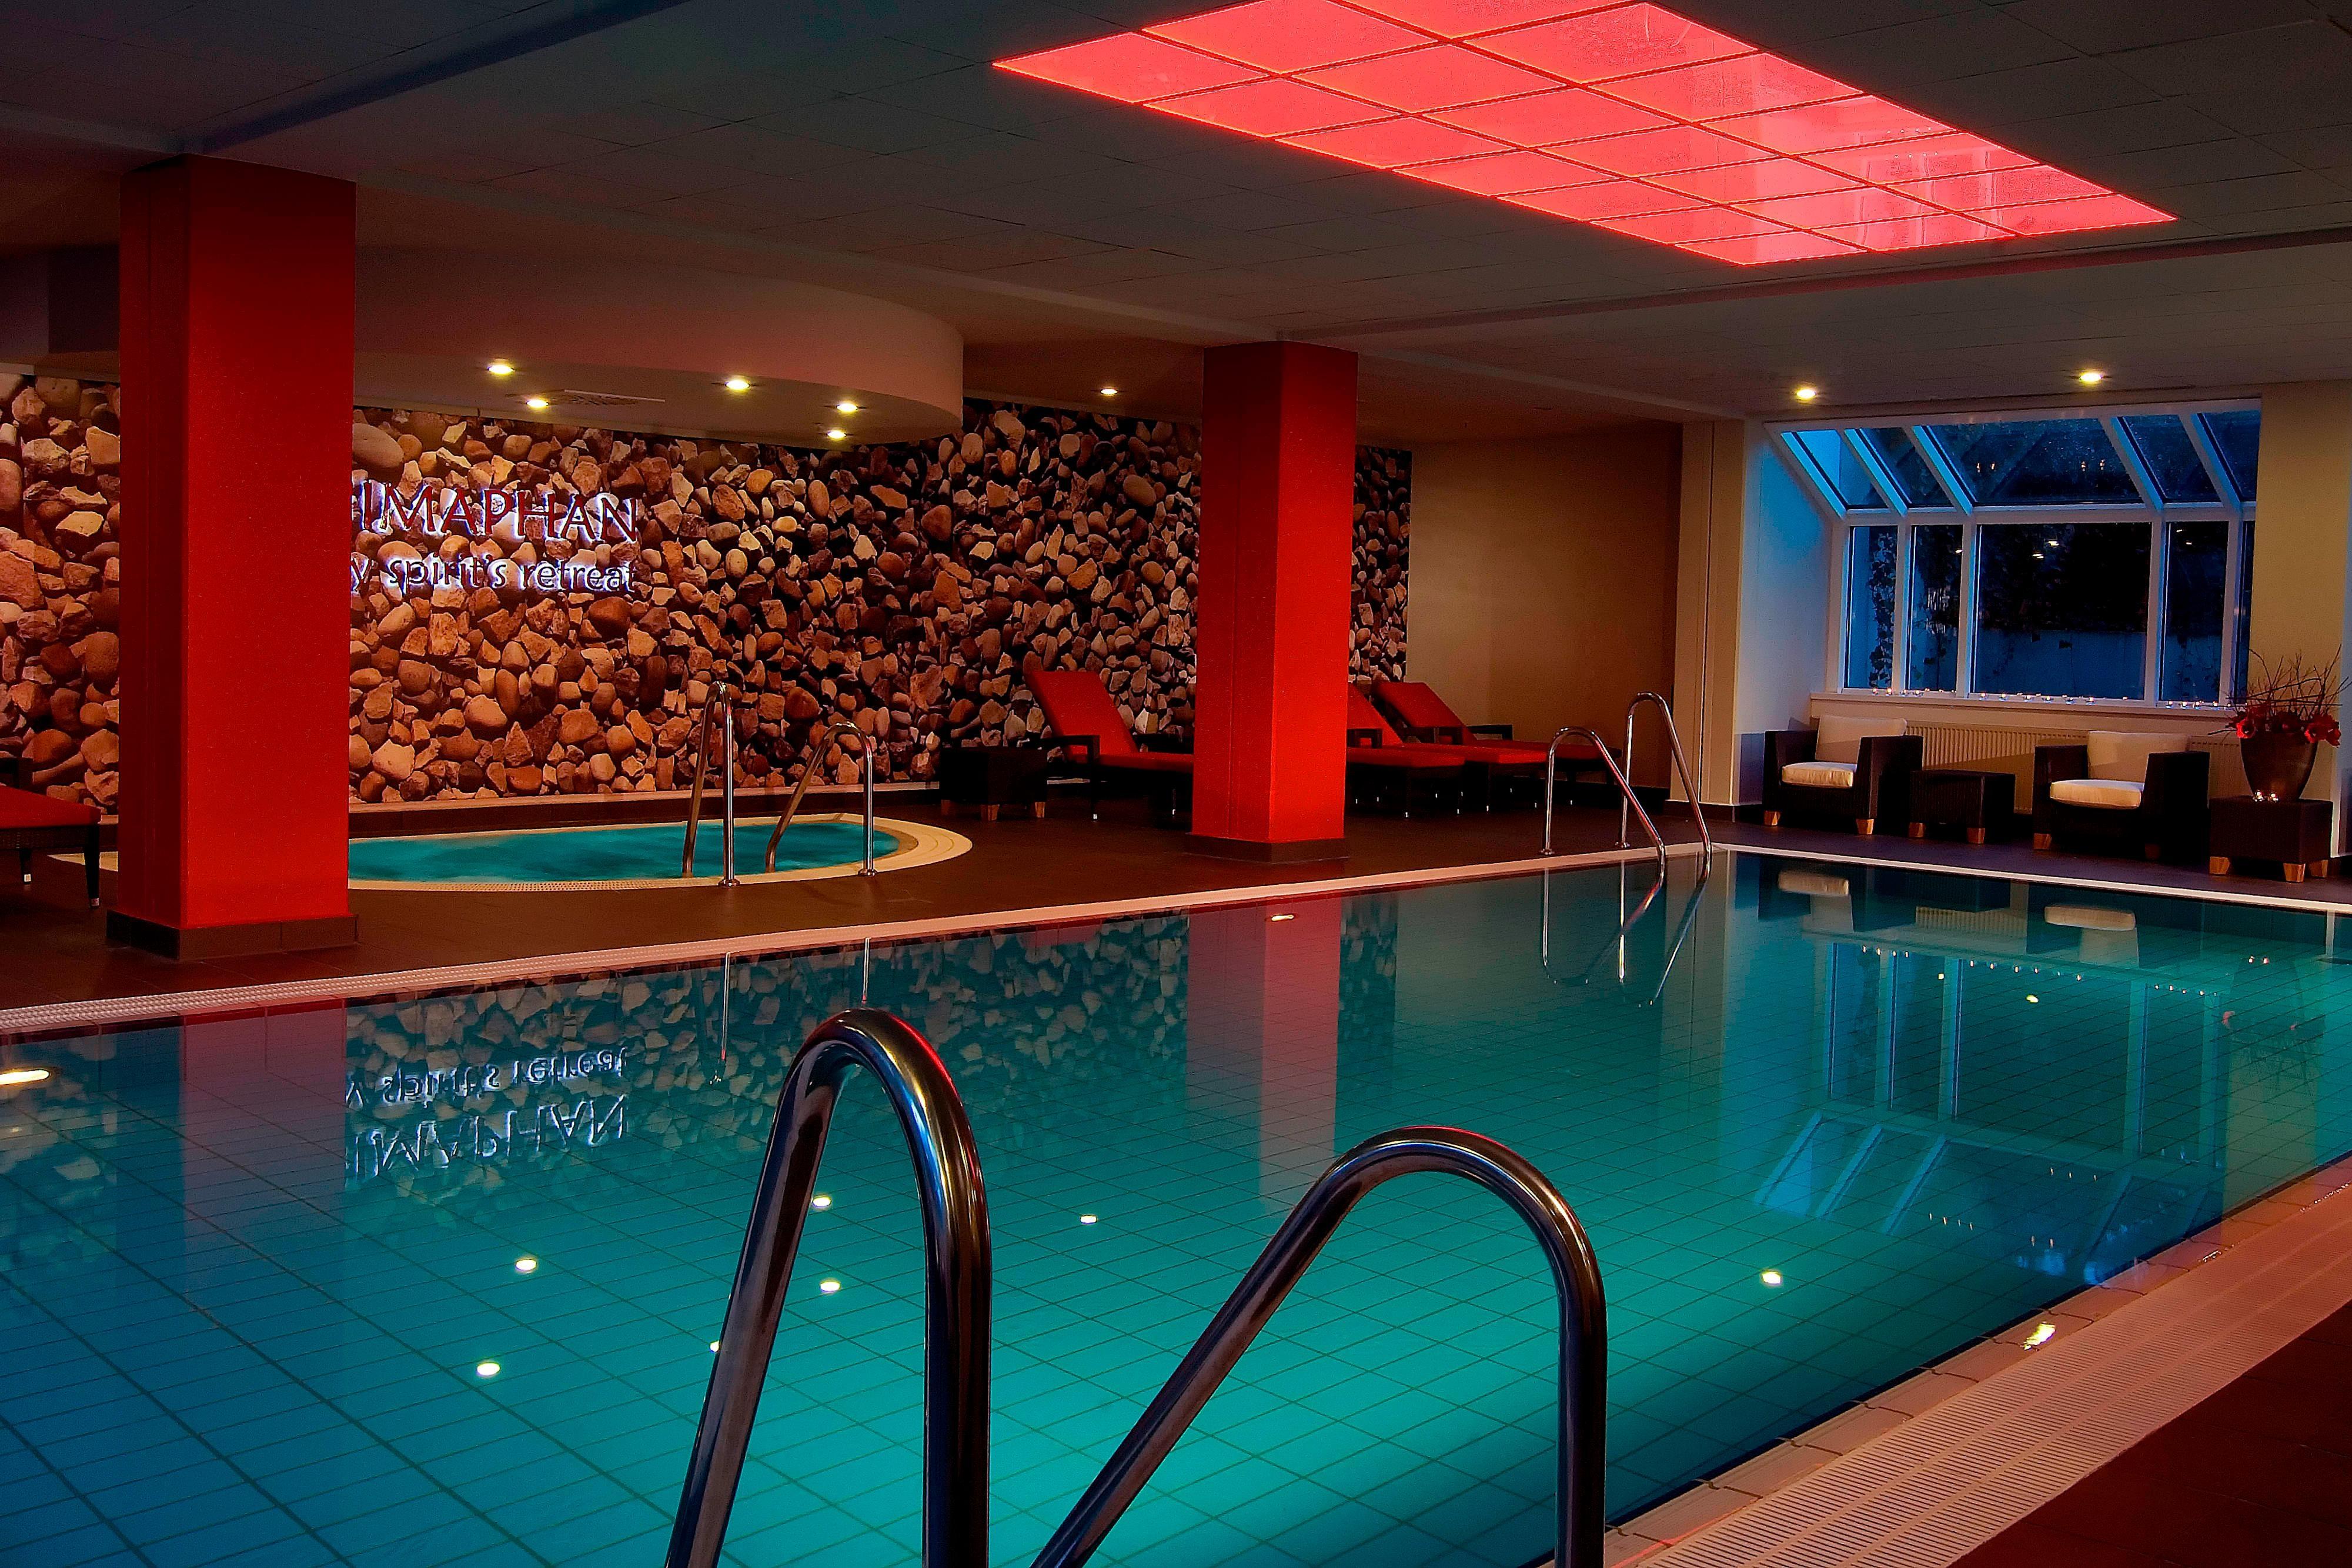 Hotel in München: Himaphan Innenpool